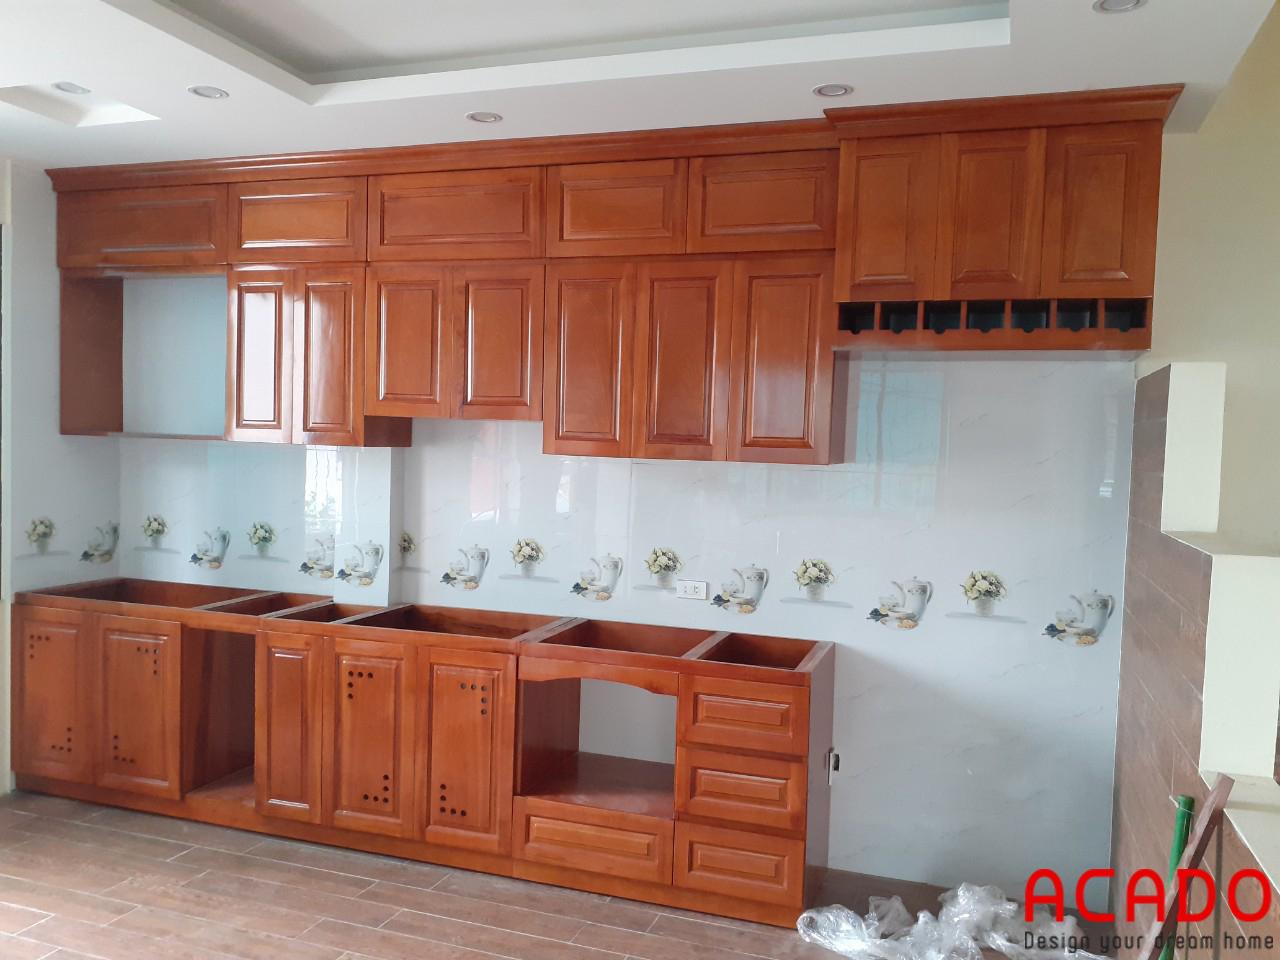 Lắp đặt tủ bếp tại Thanh Trì - Hà Nội, ACADO thiết kế và thi công